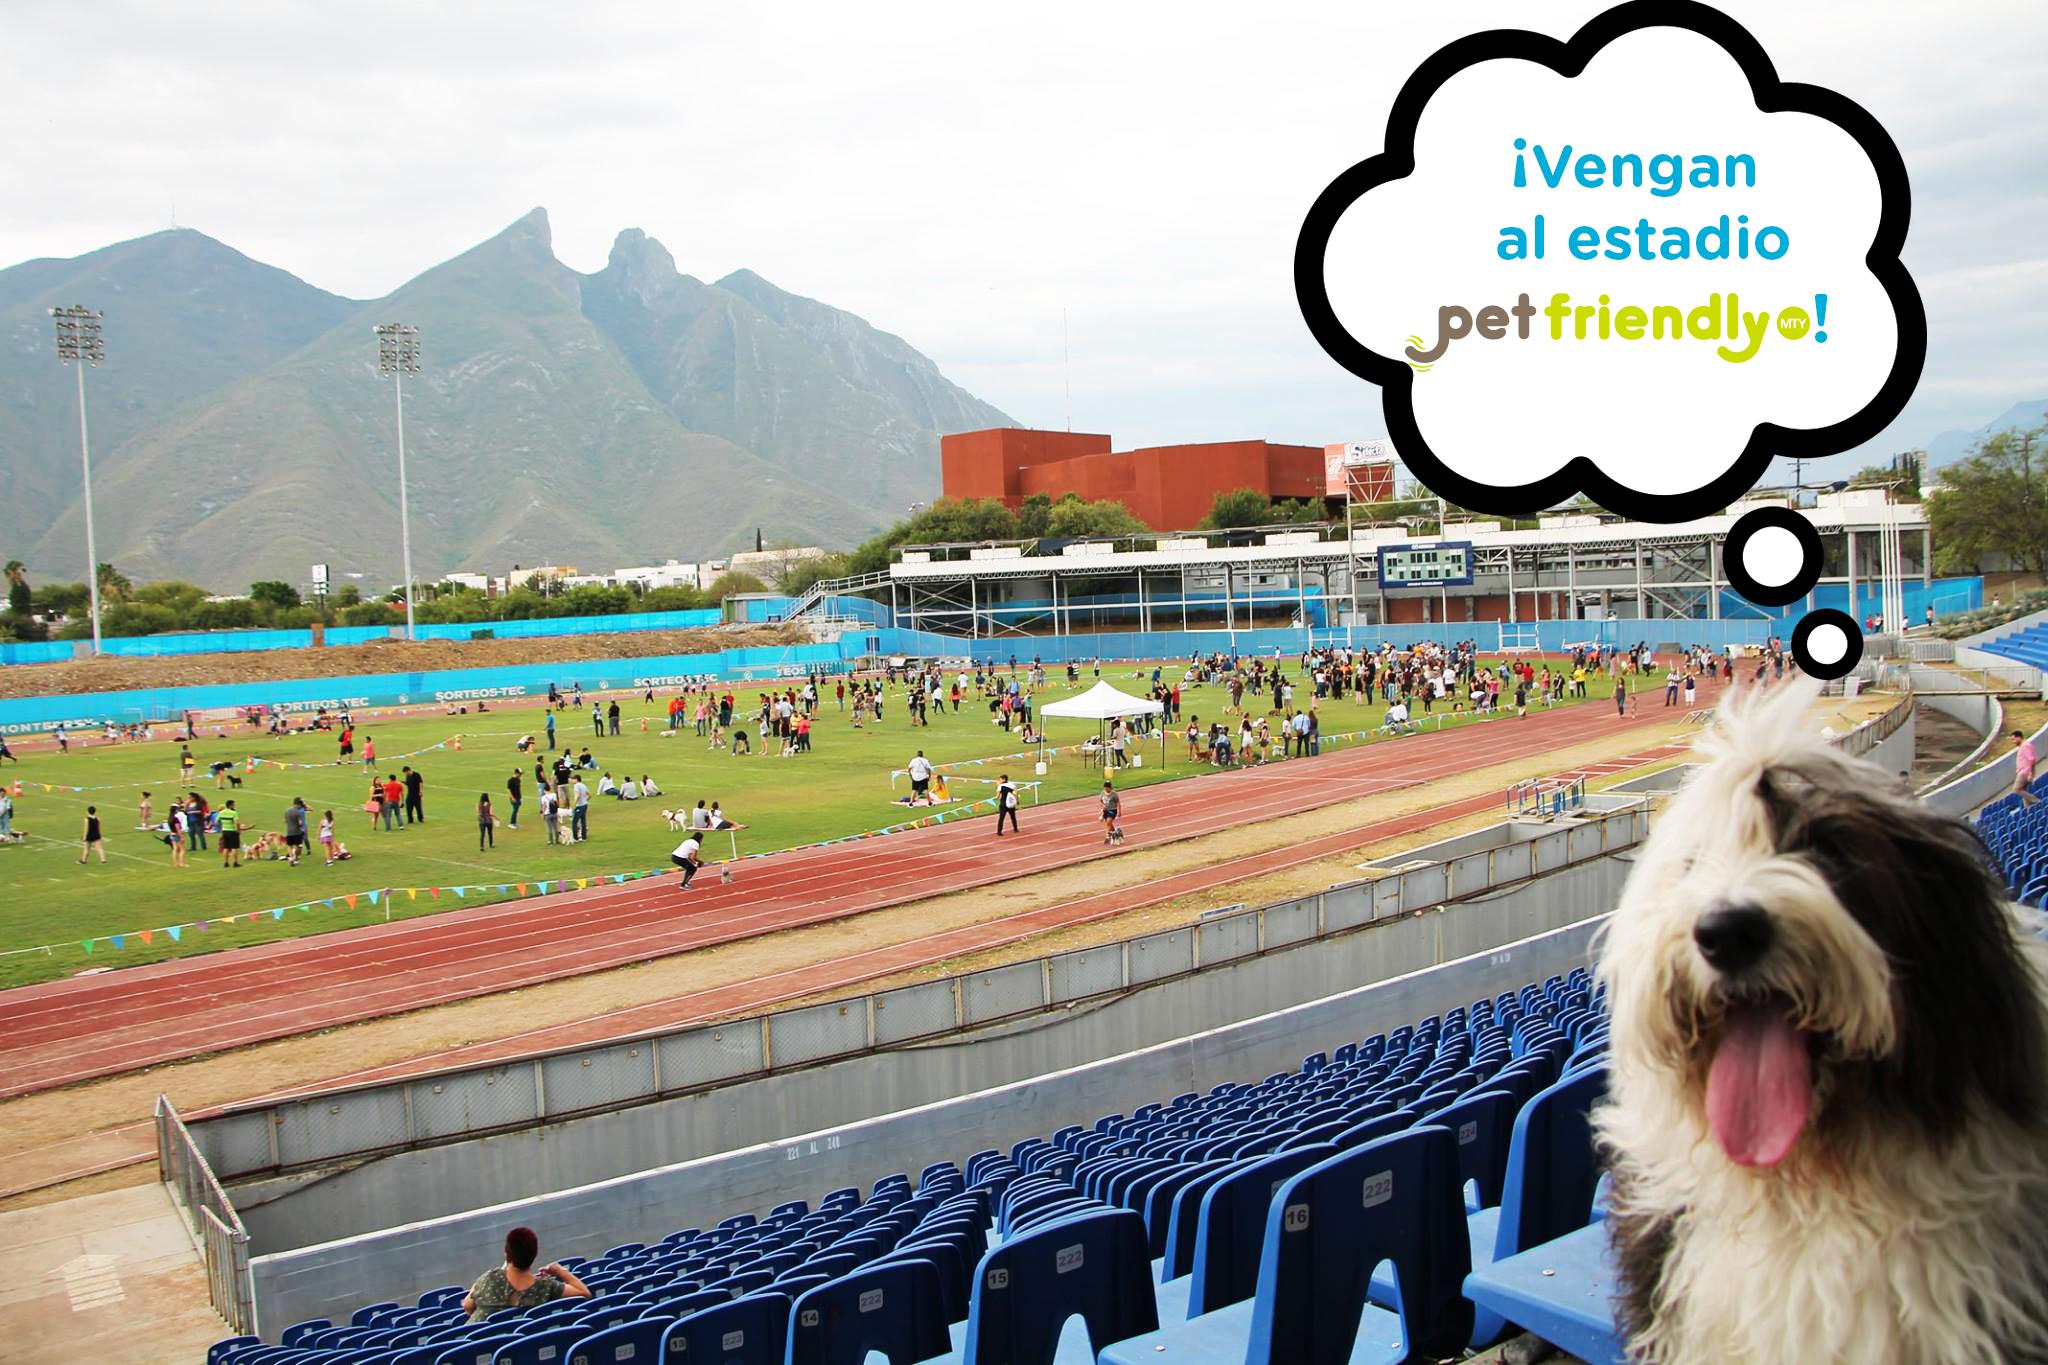 La  Vicky the sheepdog  tomándose un selfie en el Estadio Tecnológico.